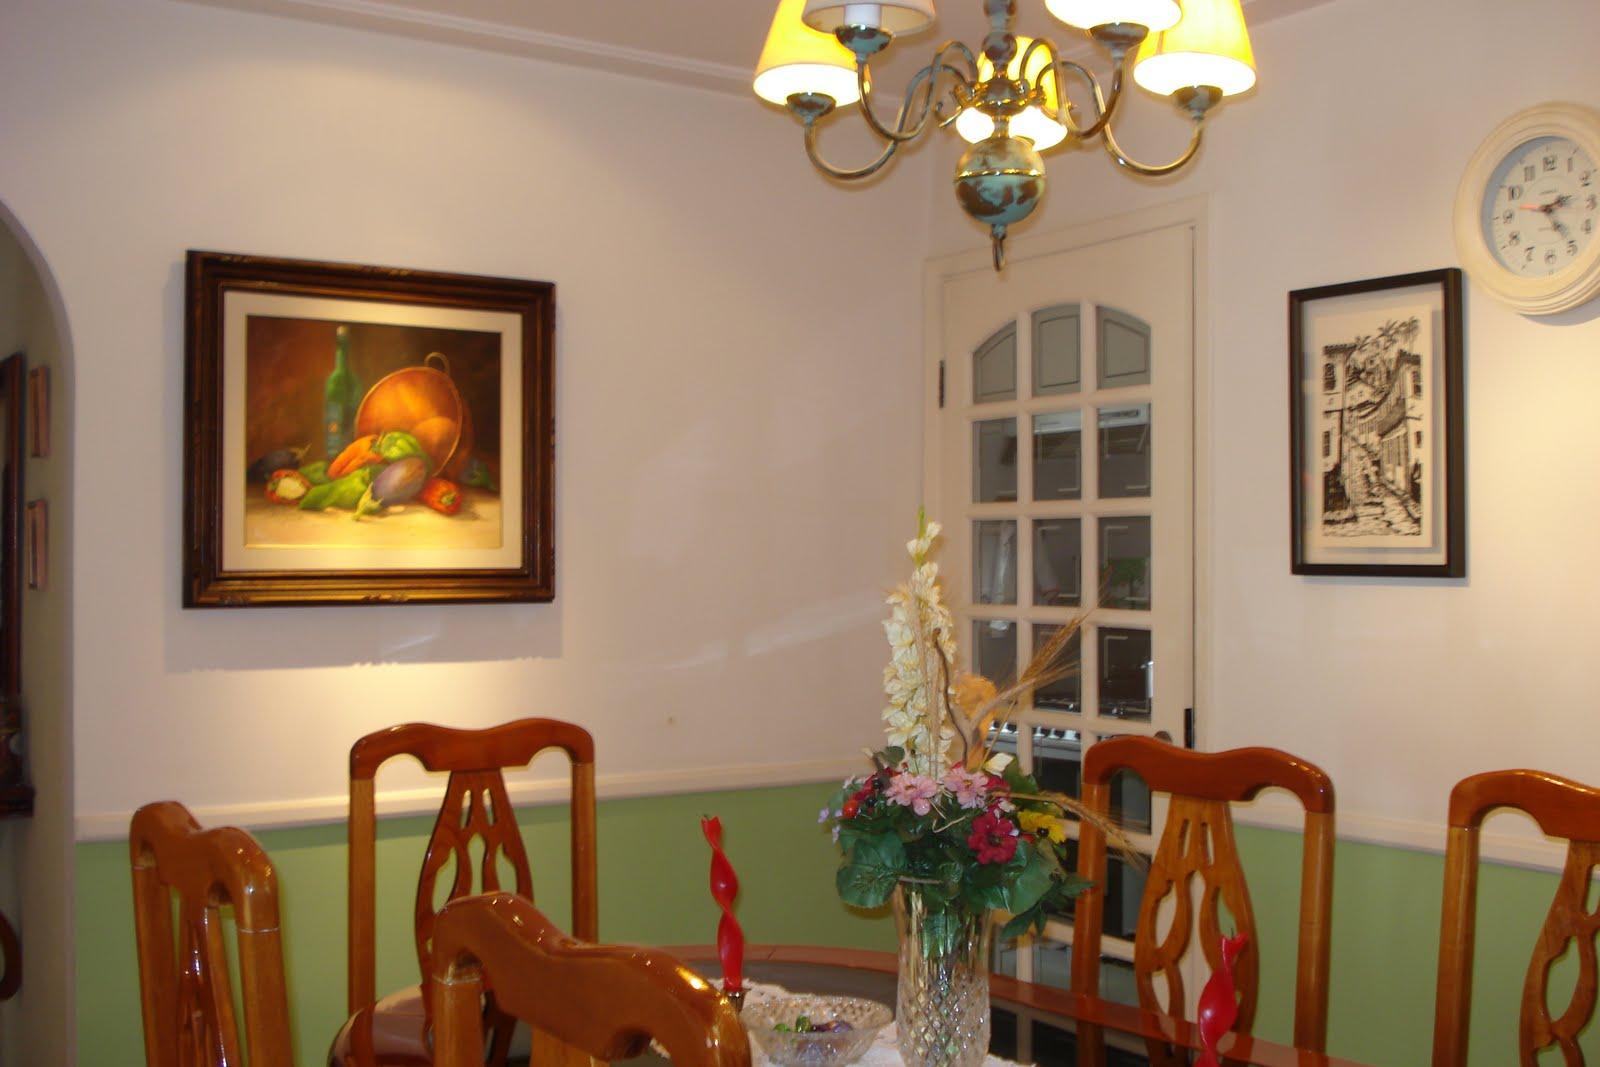 #B99A12 Outra visão da SALA DE JANTAR: porta de madeira pintada na côr  1600x1067 píxeis em Decoração De Sala De Jantar Com Gesso